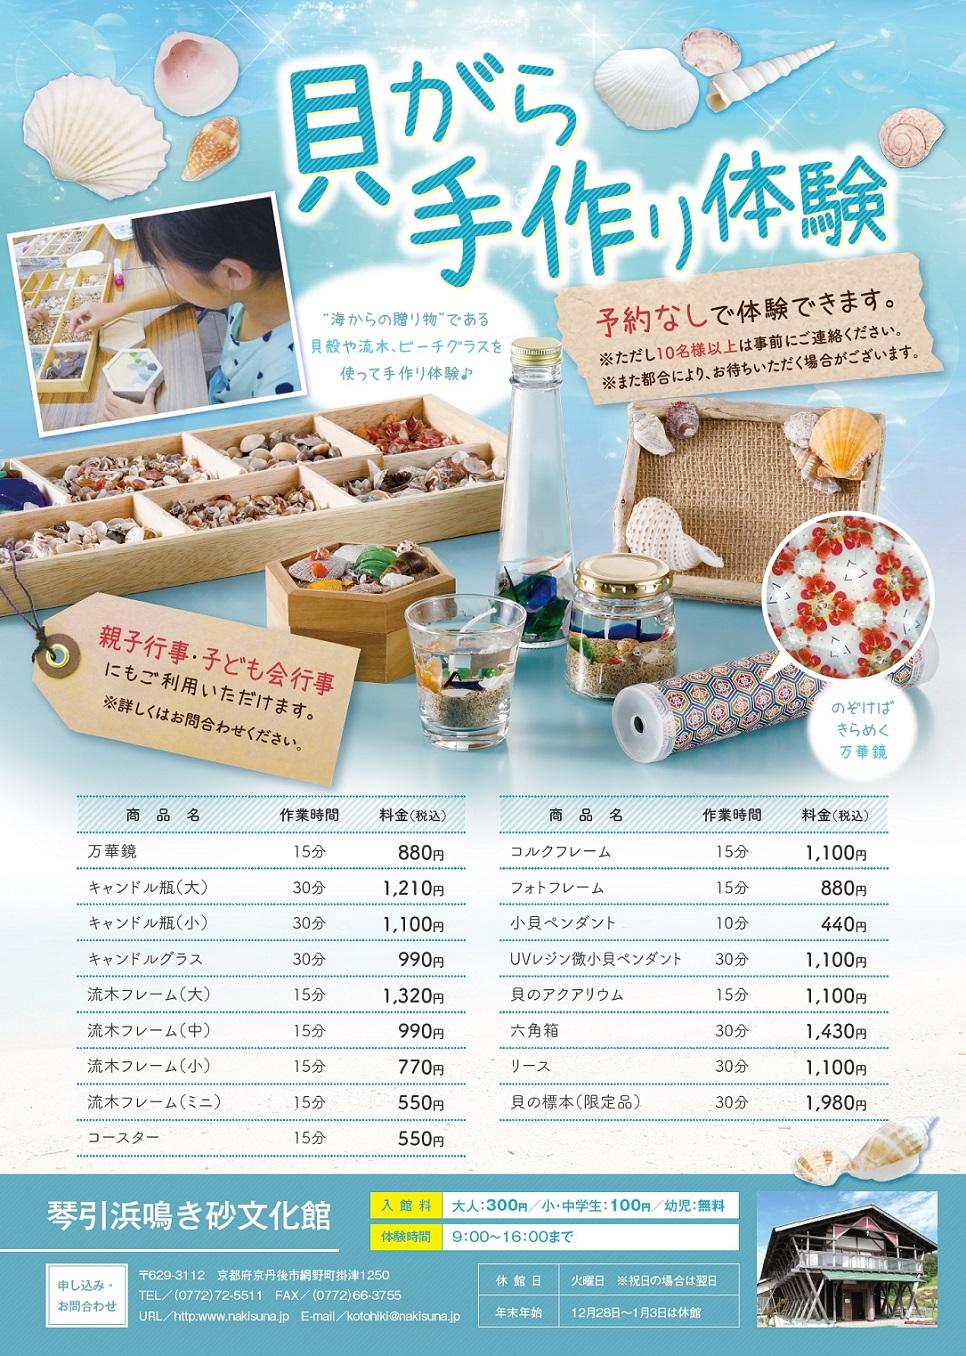 貝殻手作り体験